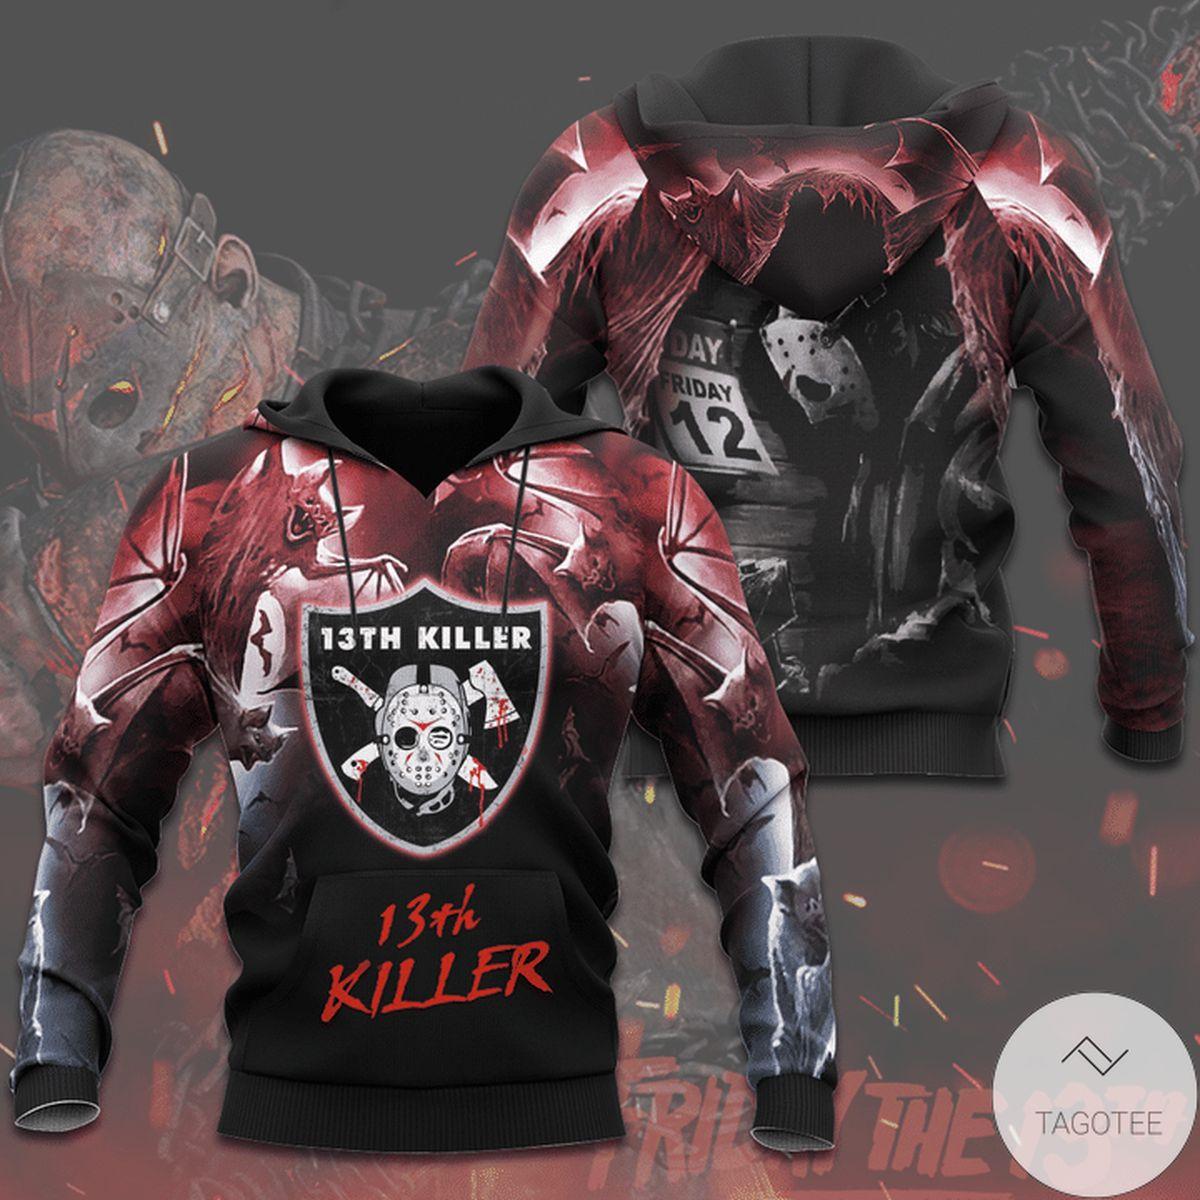 Top Las Vegas Raiders 13th Killer Halloween 3d Hoodie